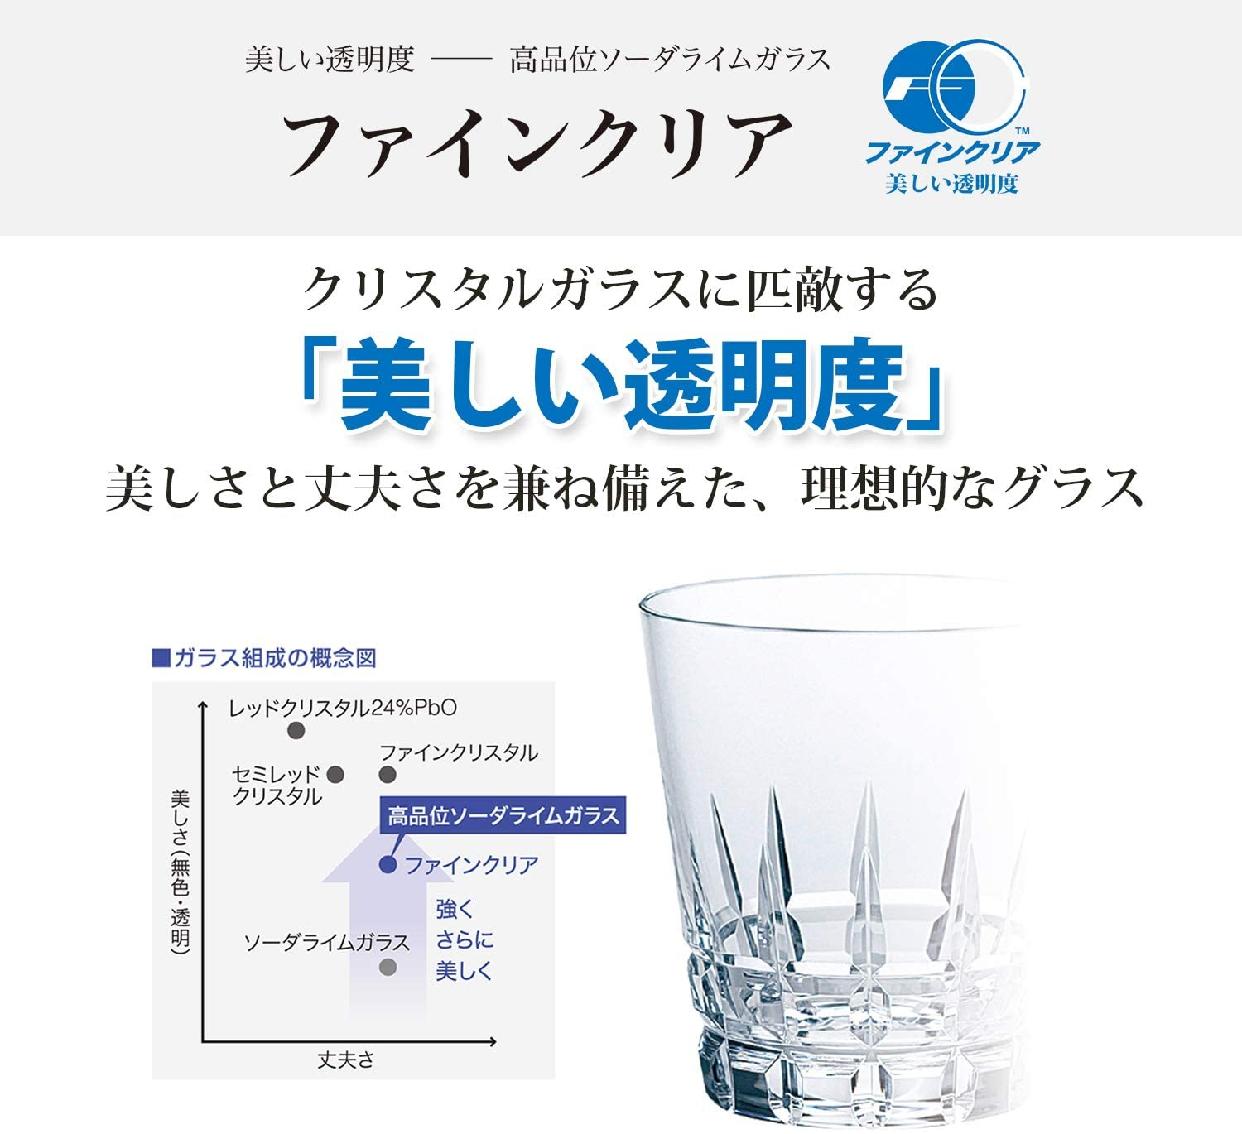 東洋佐々木ガラス じぶん時間ビールグラスB-14110-J235の商品画像3